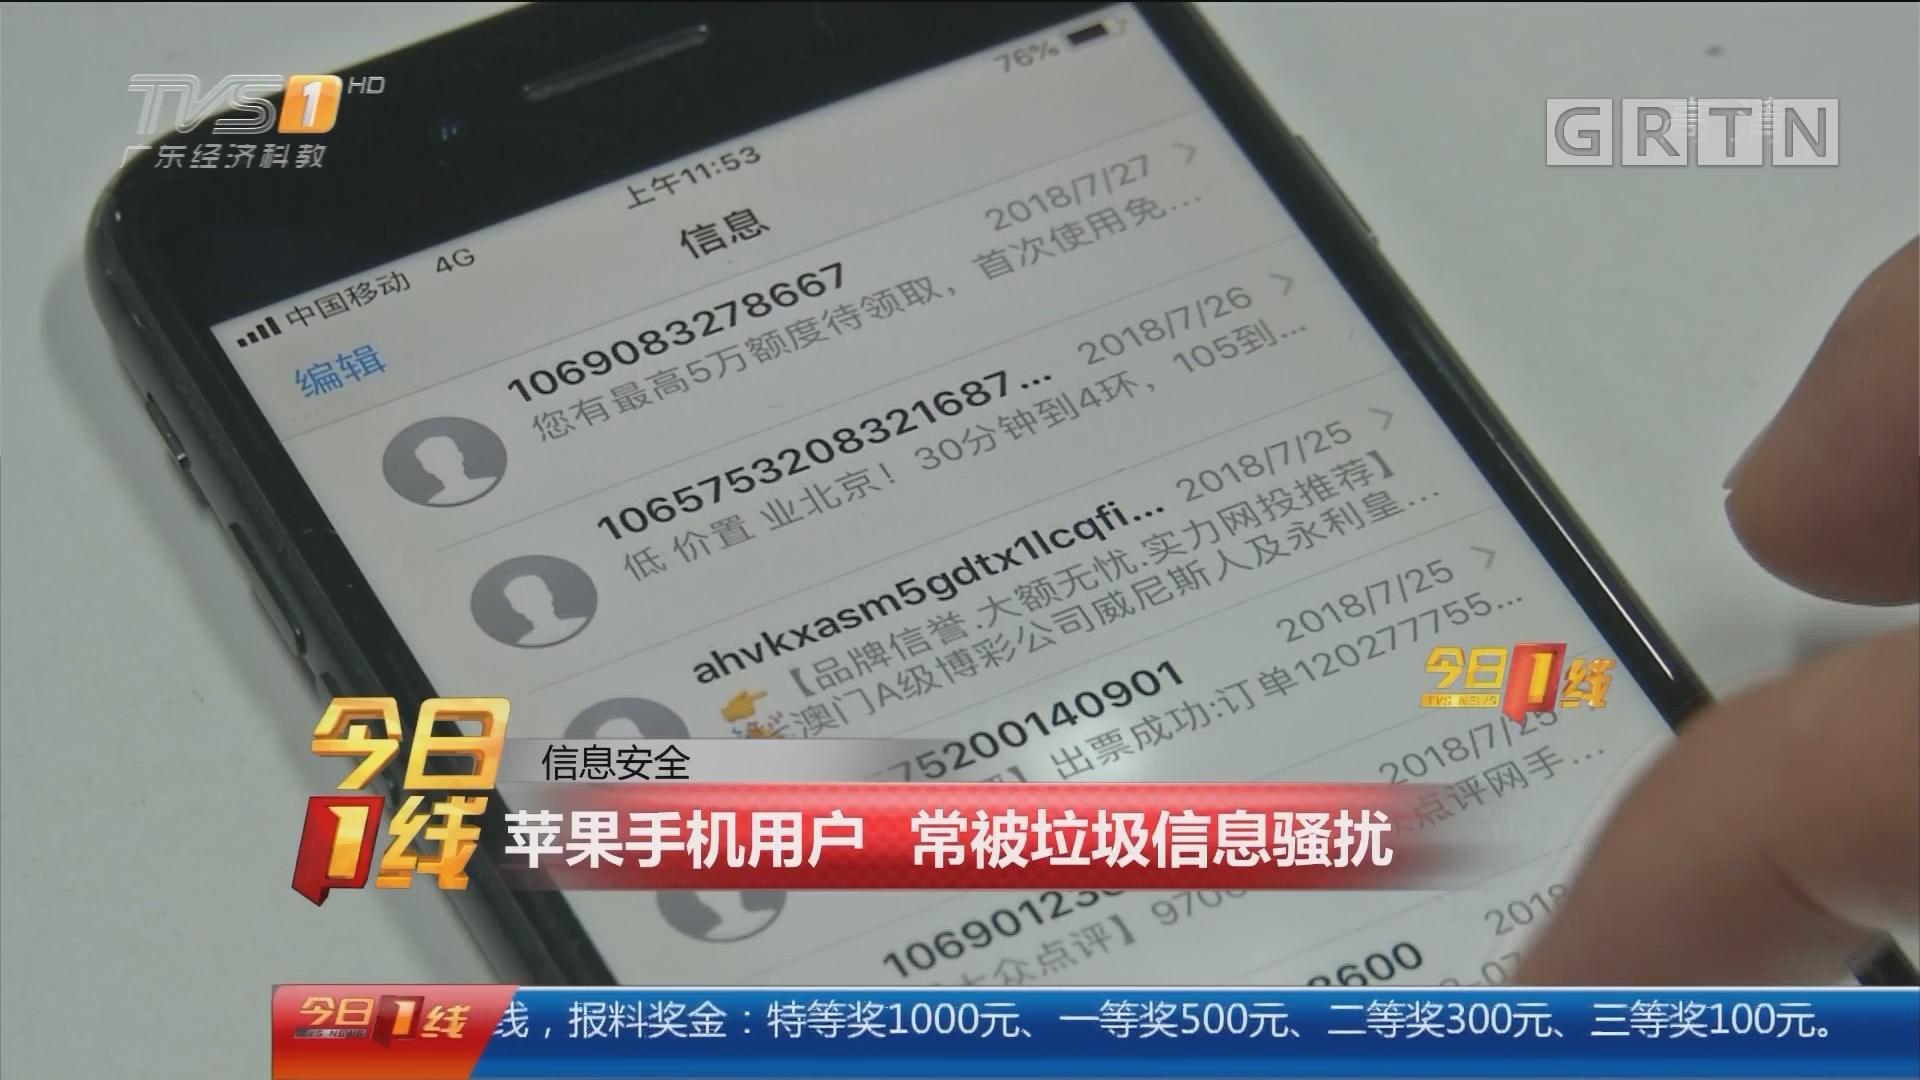 苹果手机用户 常被垃圾信息骚扰